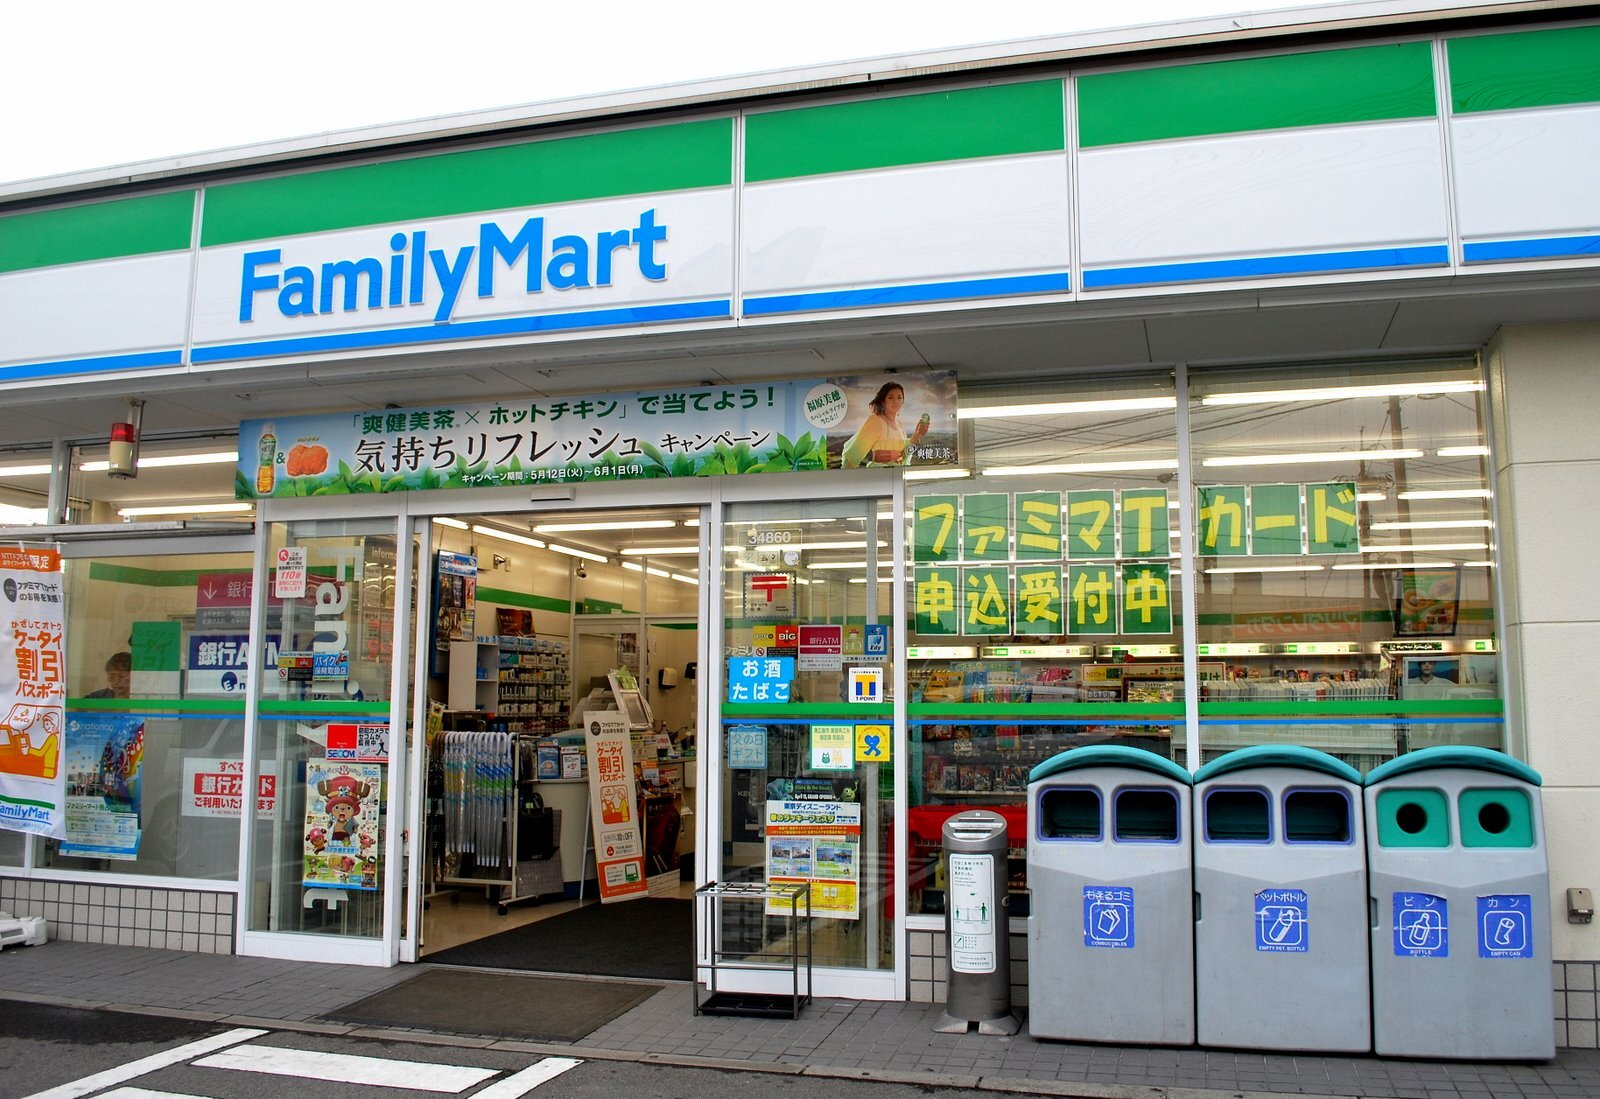 Bài học kinh doanh từ cửa hàng FamilyMart hiệu quả